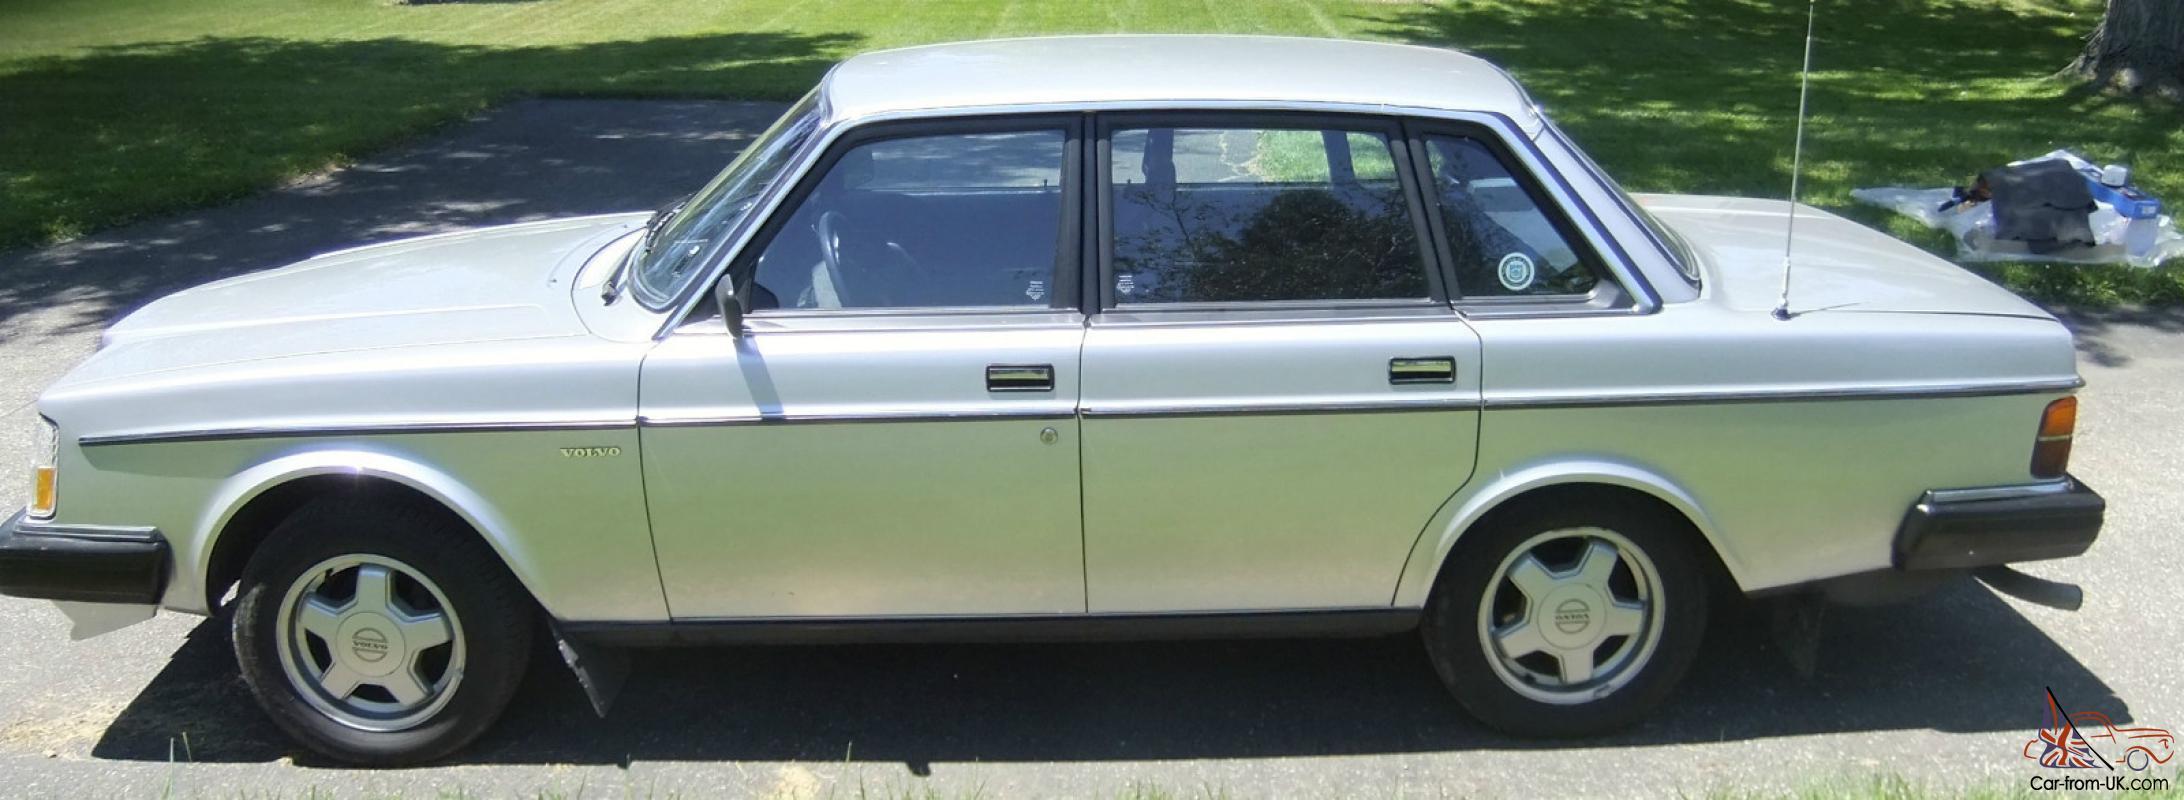 1985 Volvo 240 Dl 2 3litre 4 Door Sedan